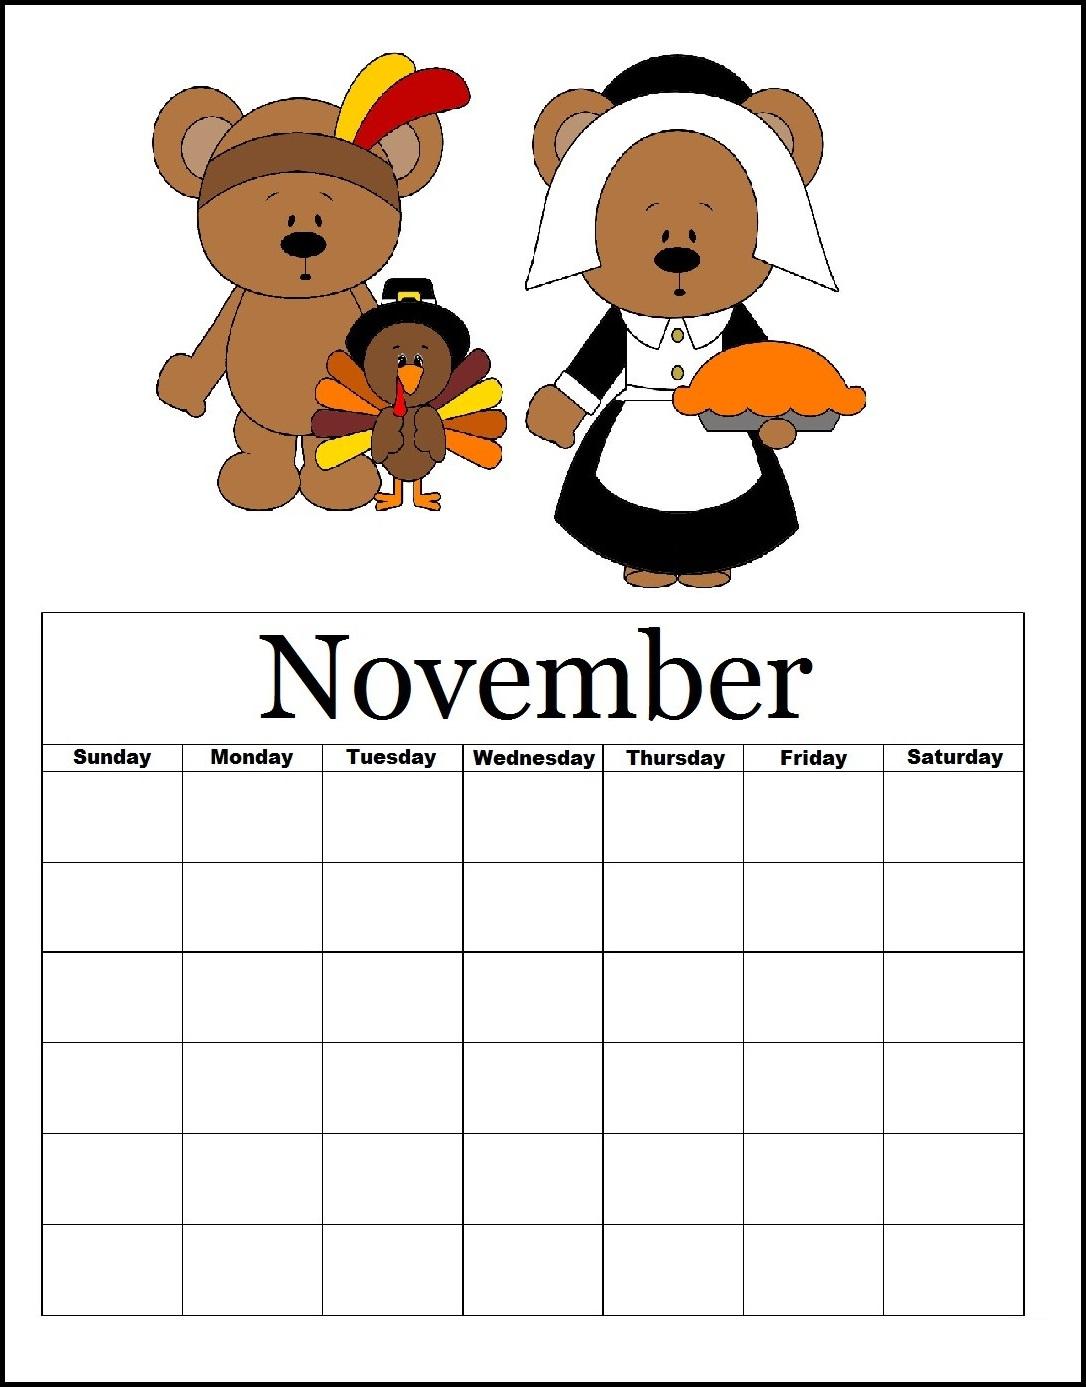 November 2019 Blank Planner